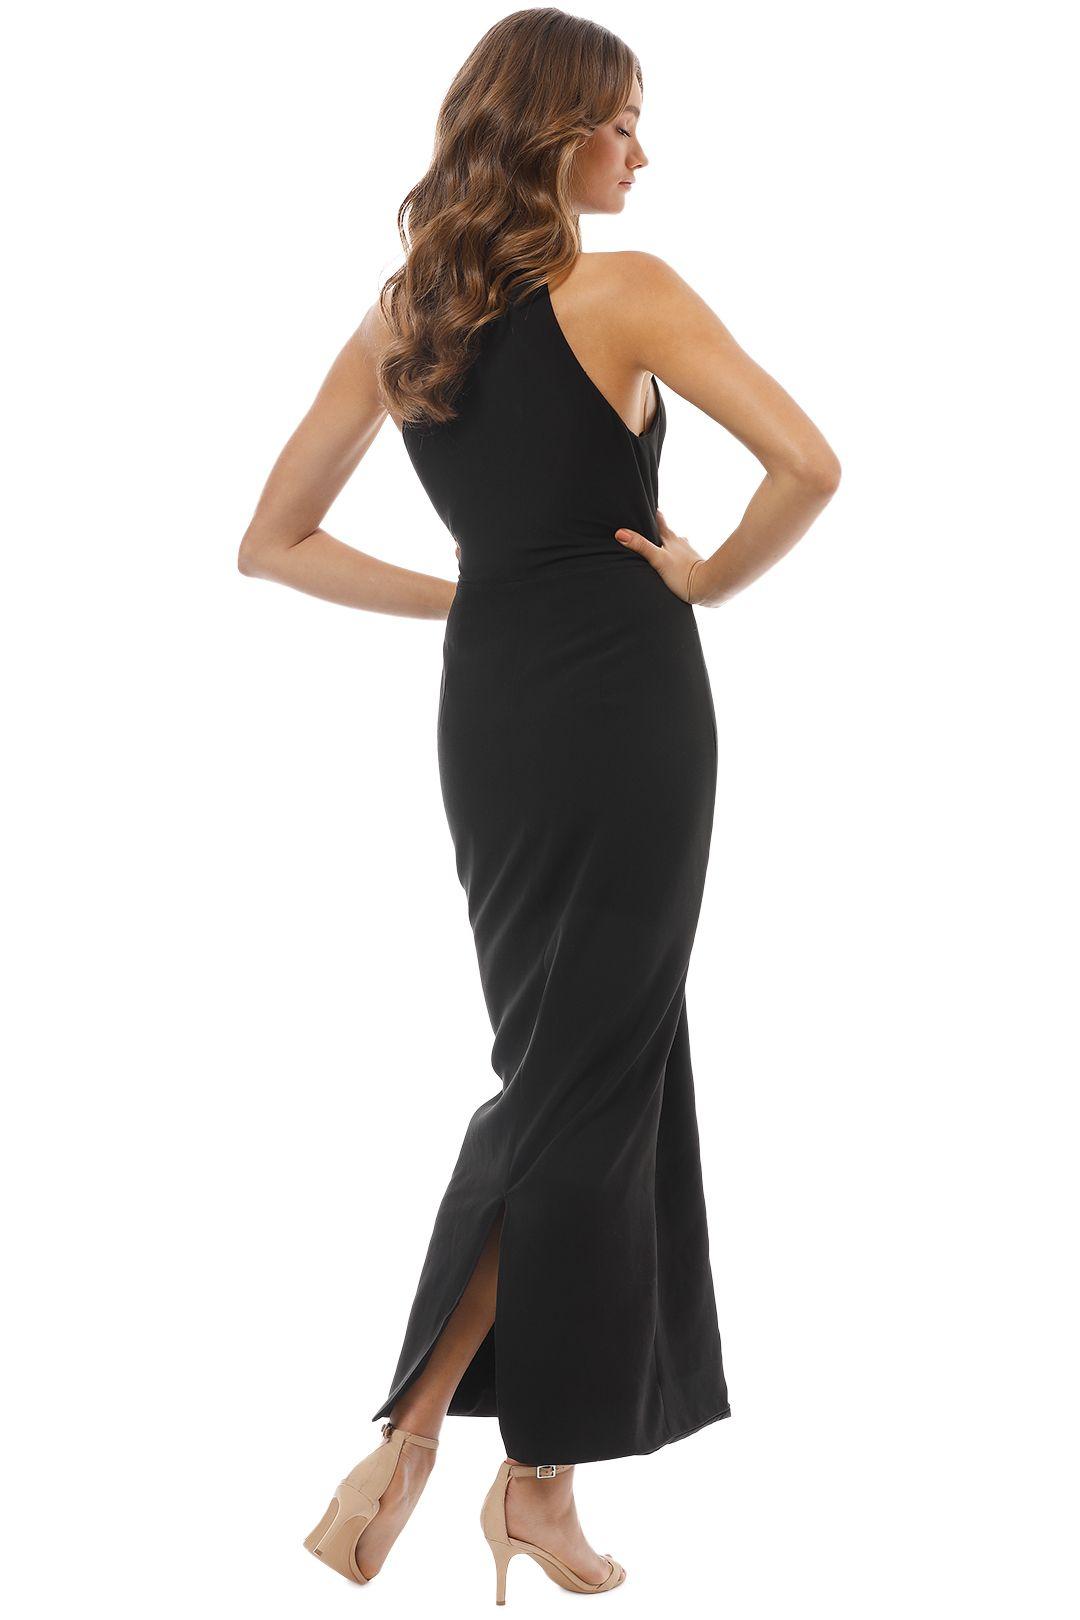 Elle Zeitoune - Harper Dress - Black - Back